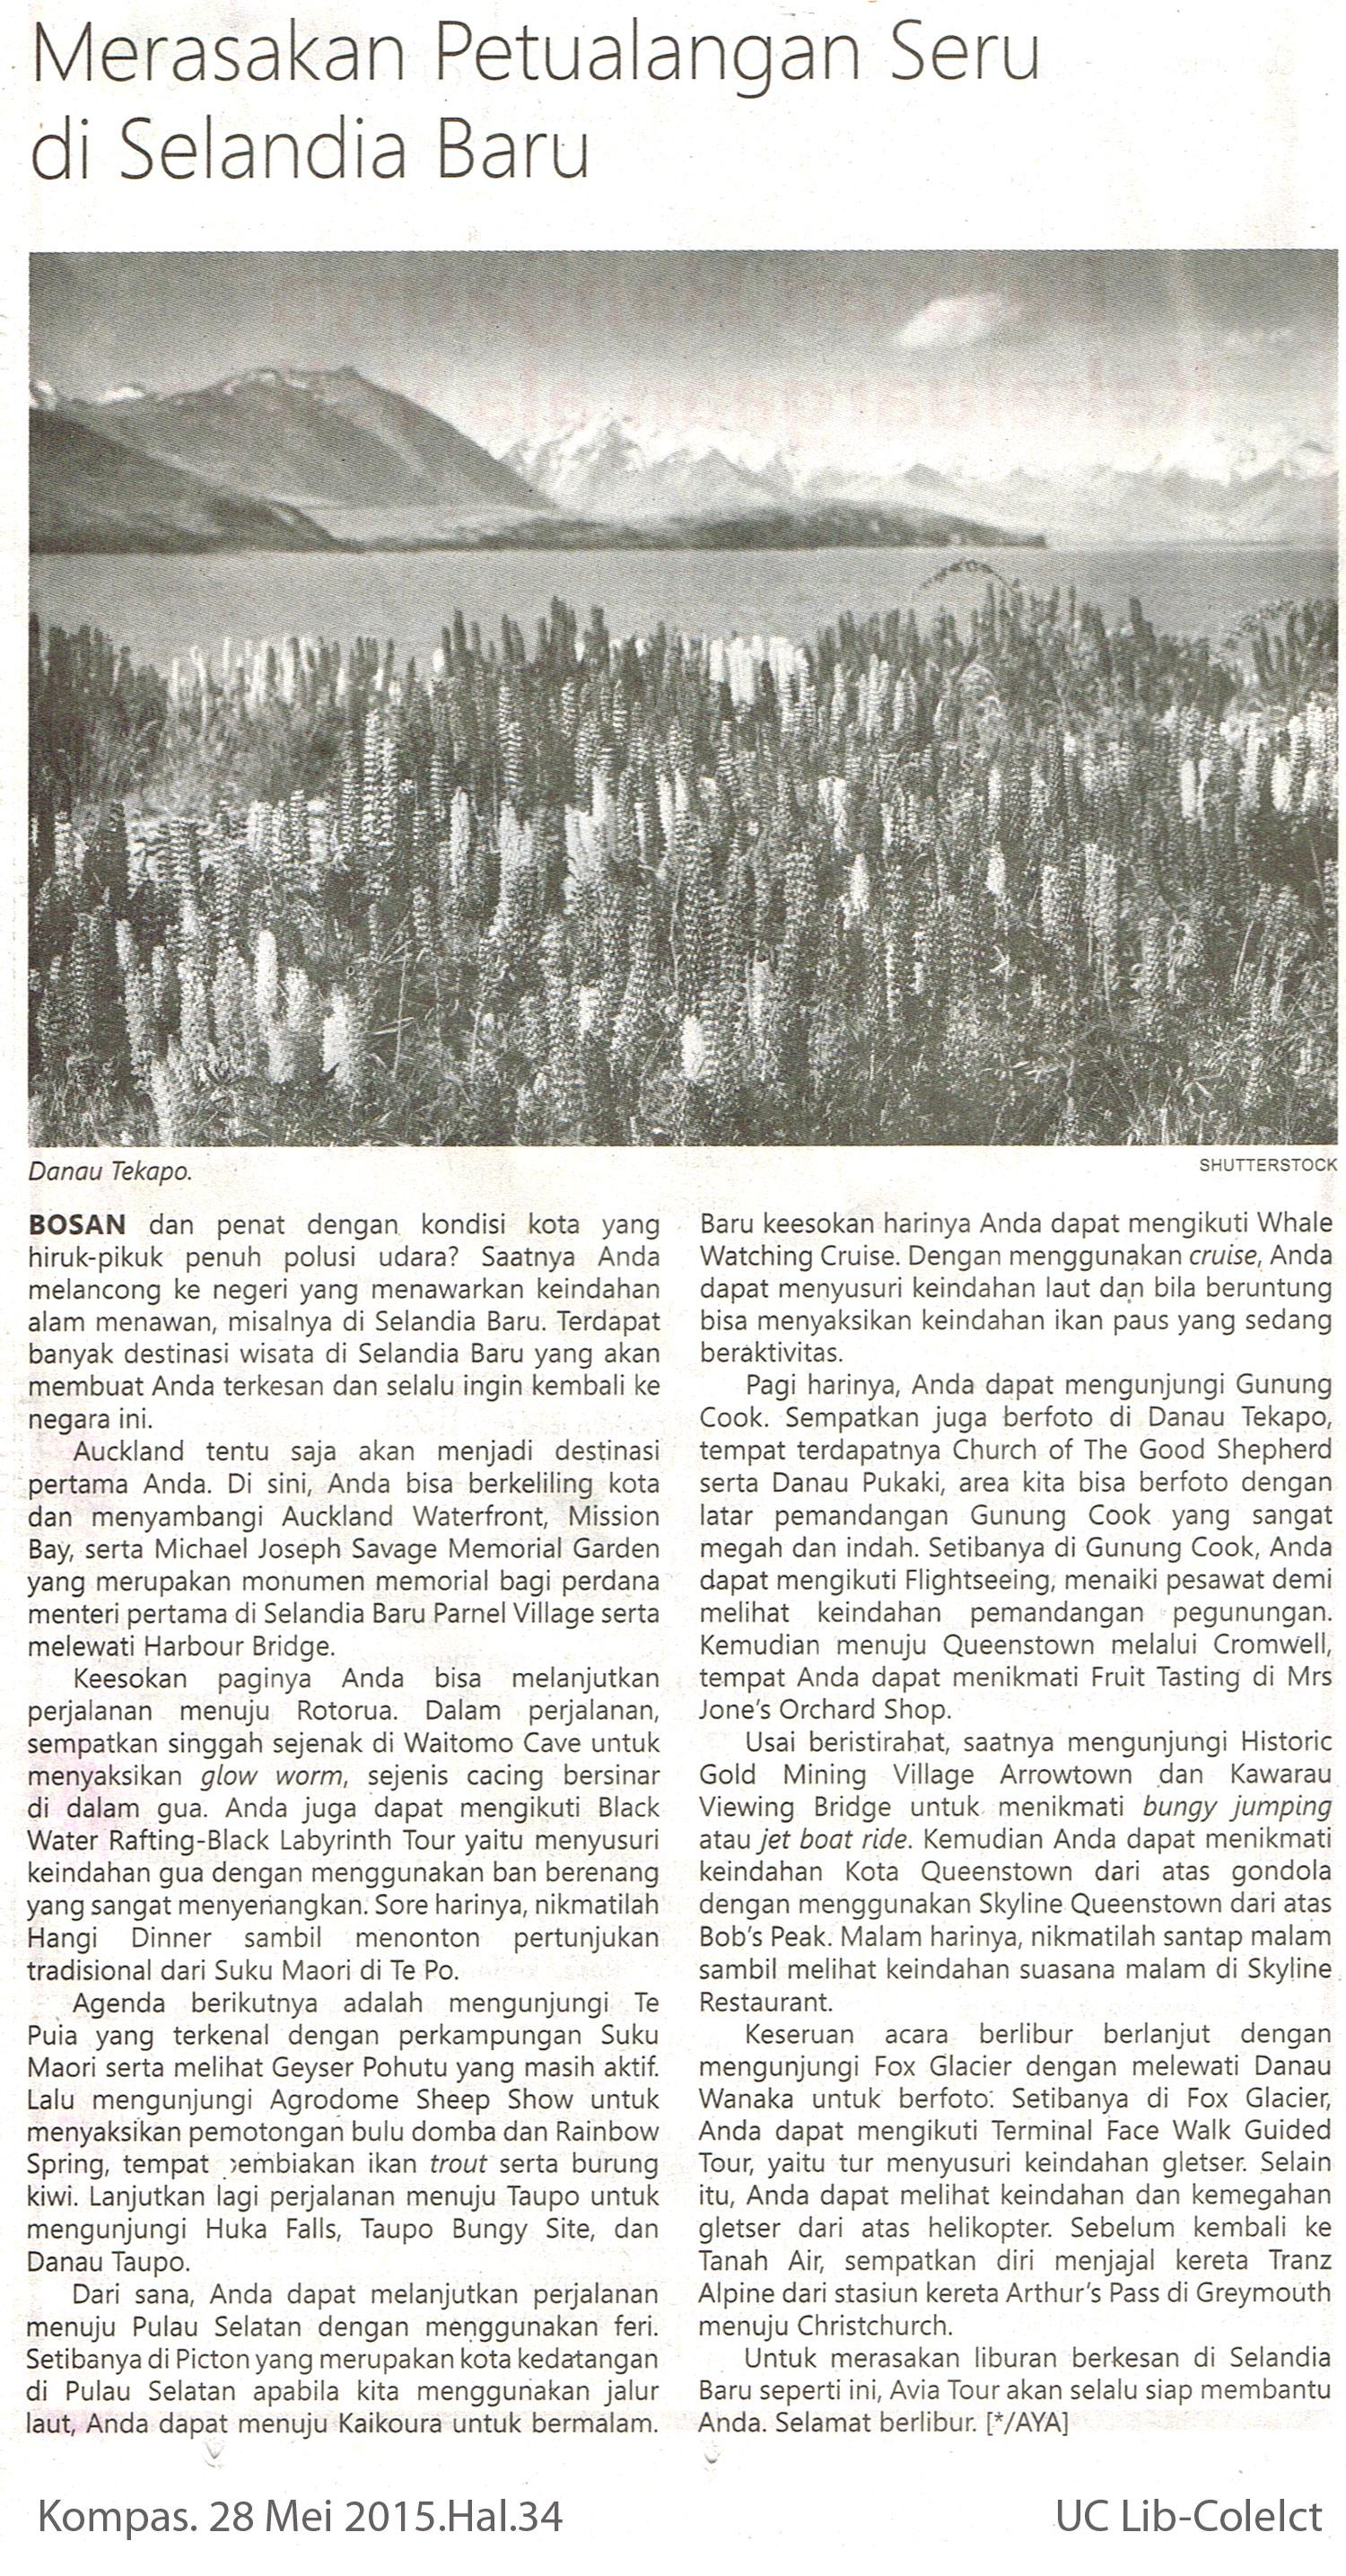 Merasakan-Petualangan-Seru-di-Selandia-Baru.-Kompas.-28-Mei-2015.Hal.34